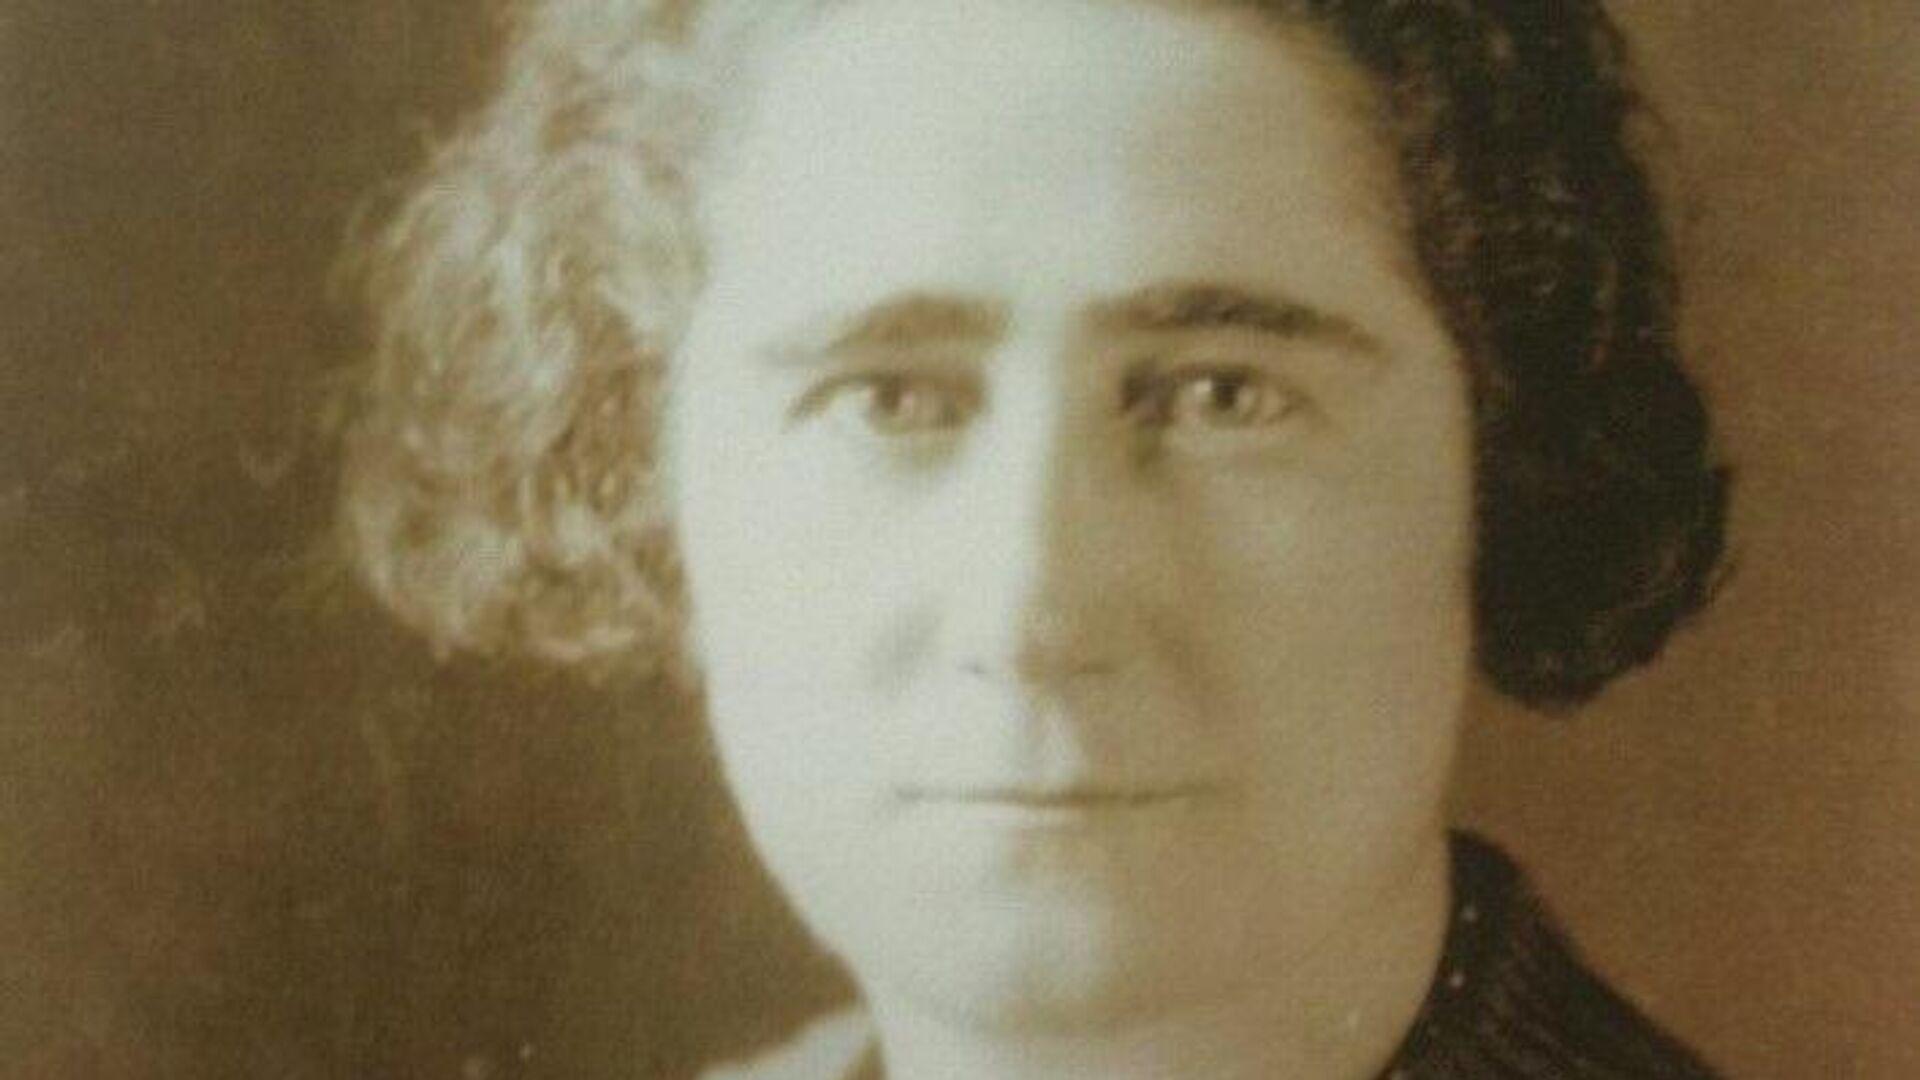 La diputada de la Segunda República, impulsora del voto femenino, Clara Campoamor.  - Sputnik Mundo, 1920, 01.10.2021